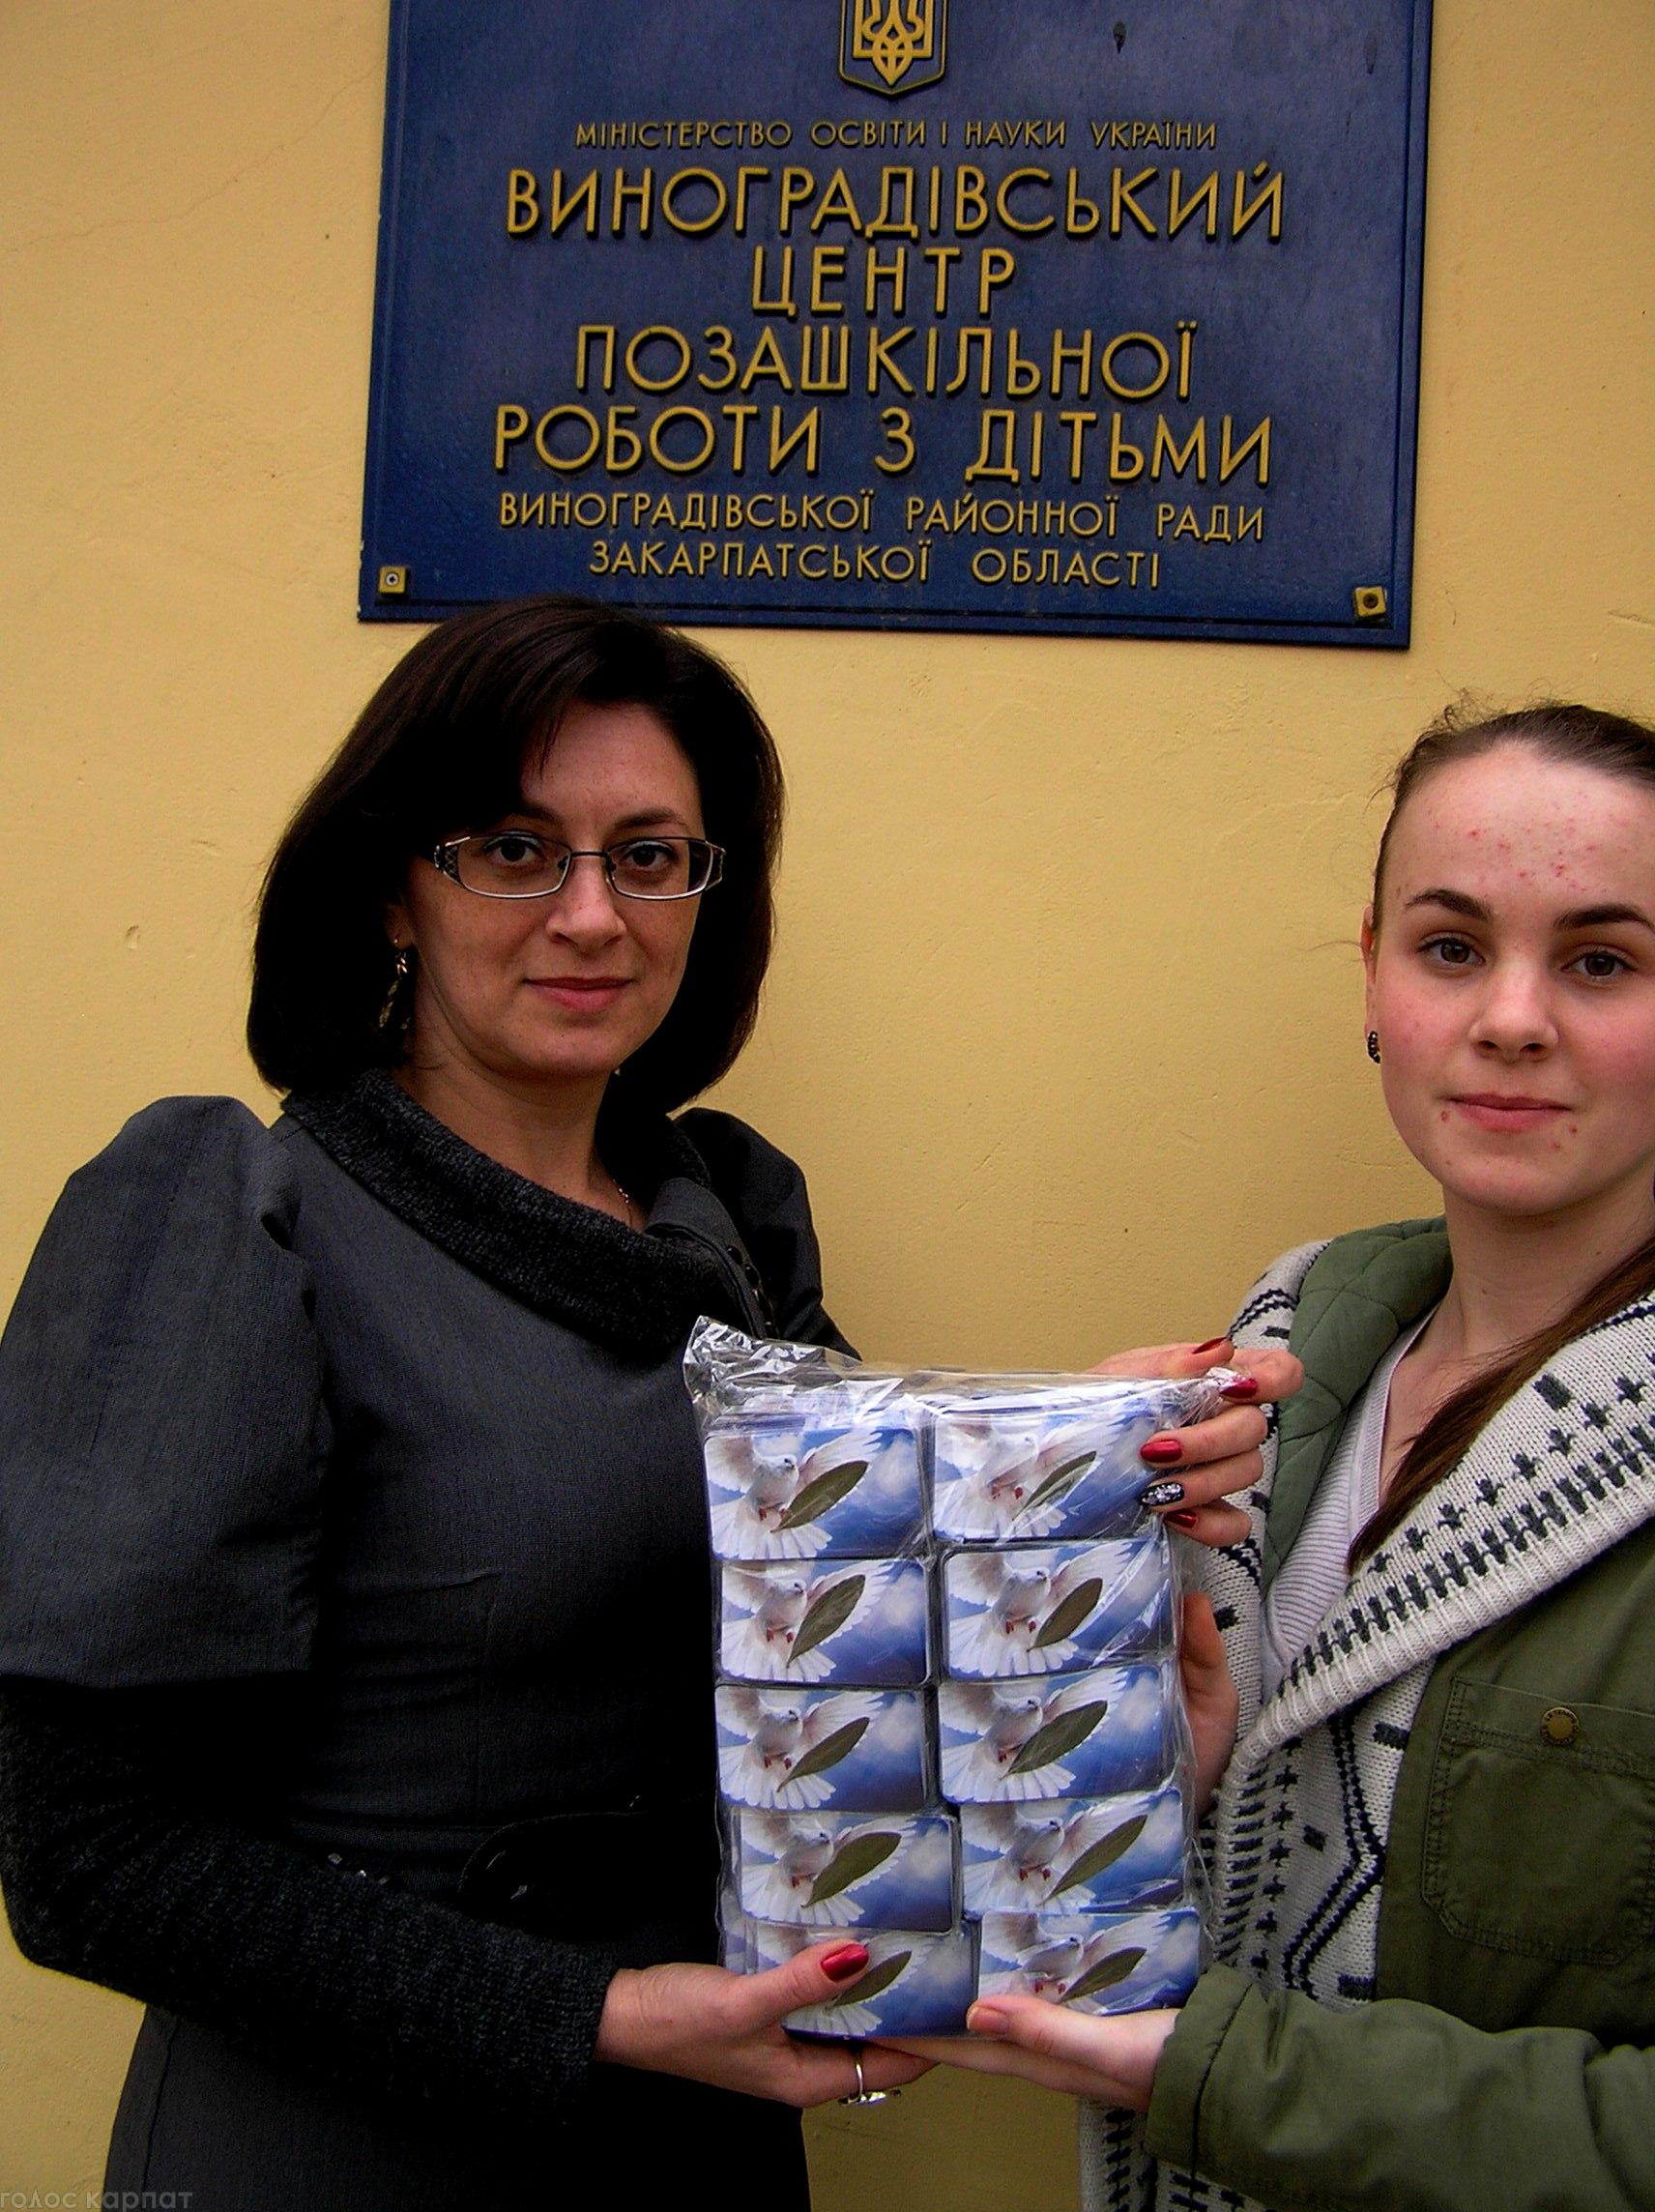 Ініціатором цієї міжнародної дитячої акції стала ізраїльська школярка Сіма,яка народилася в Україні.